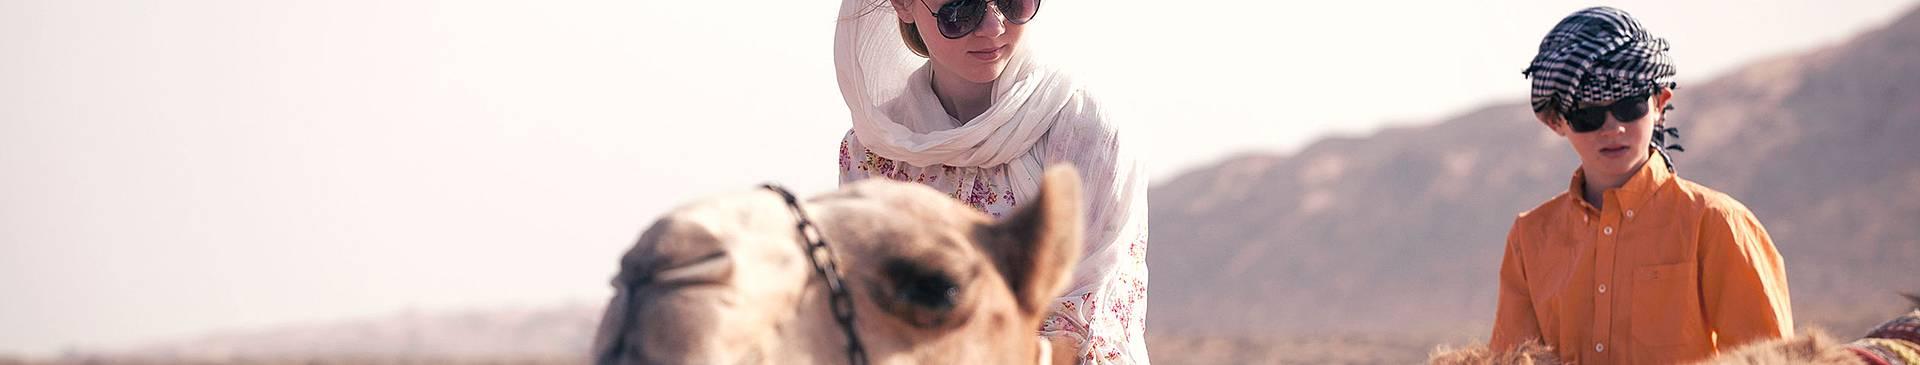 Voyage en famille à Oman